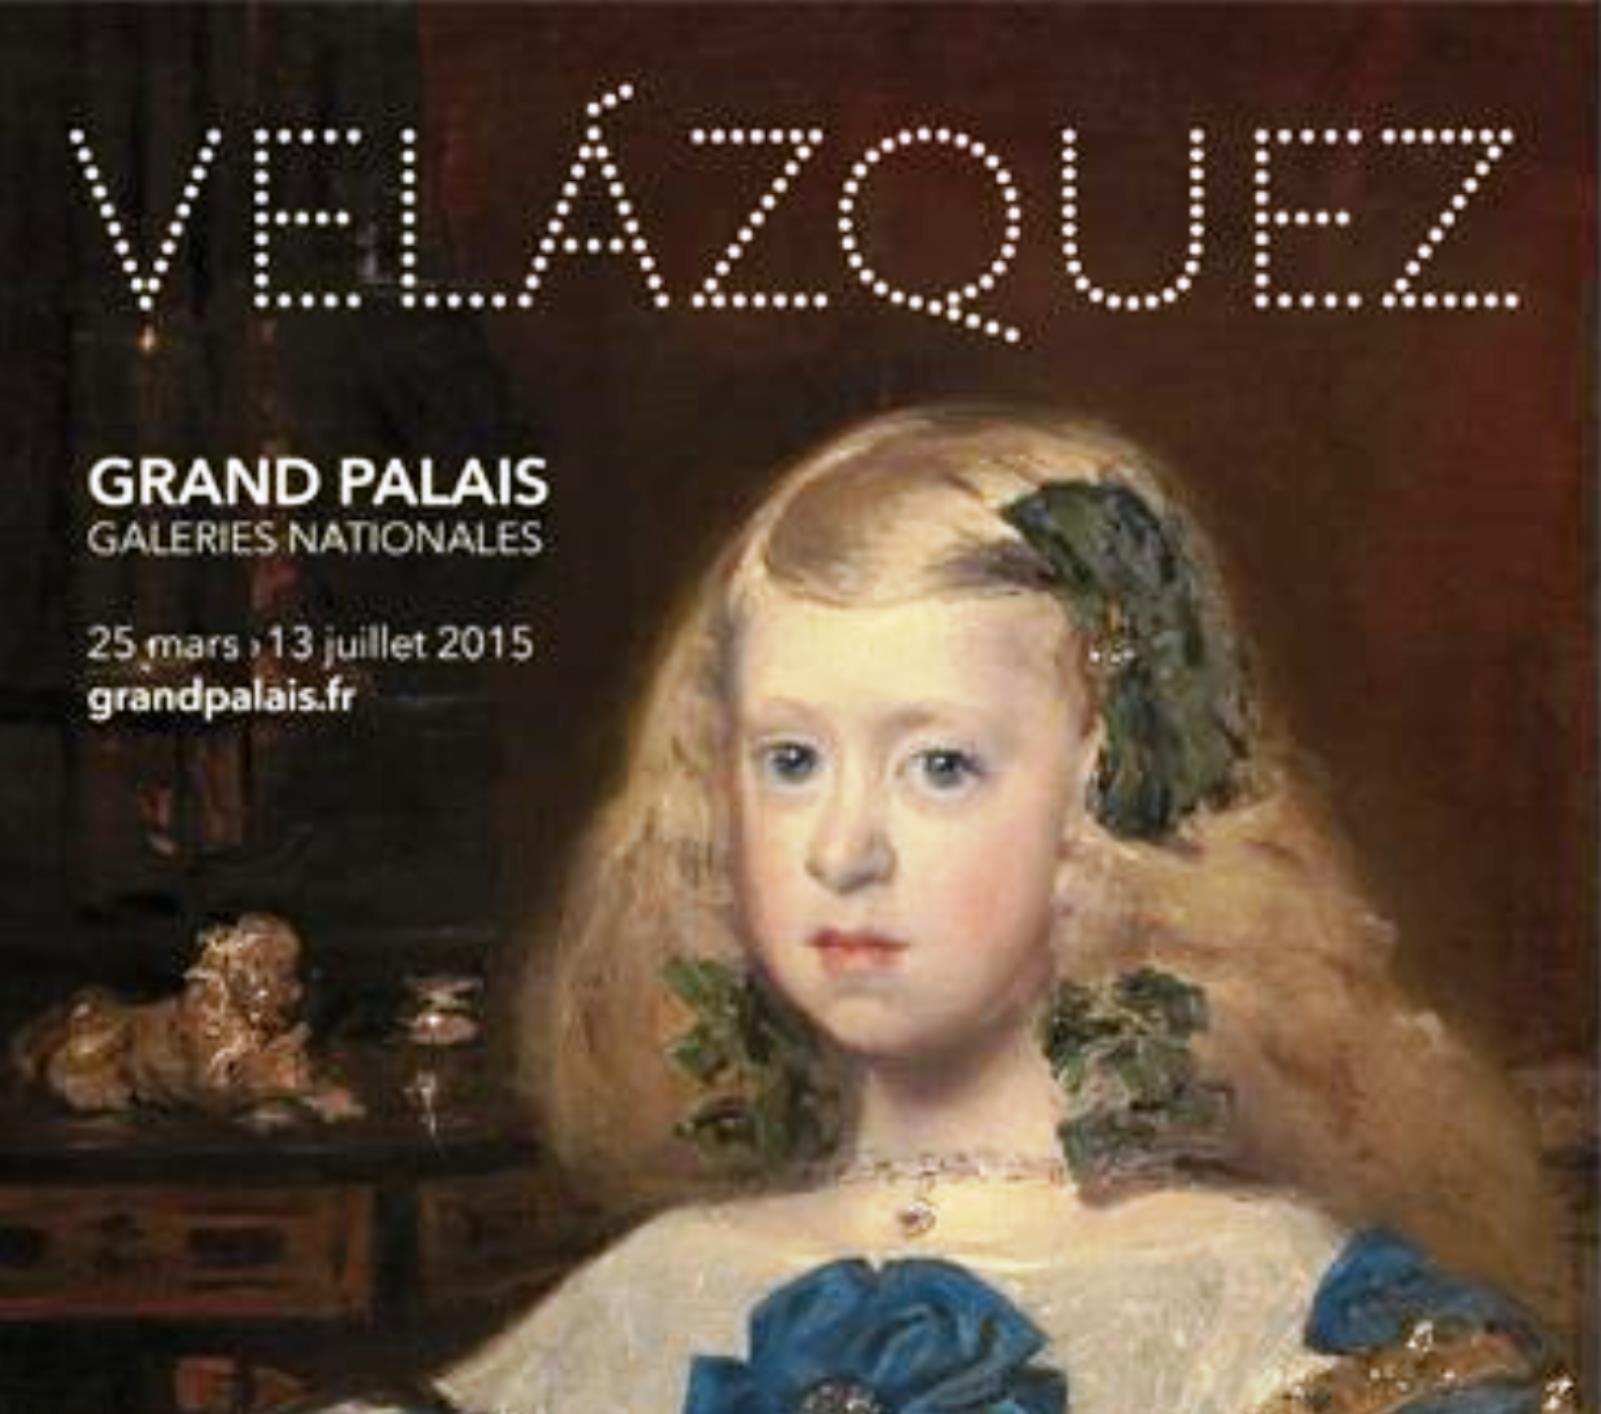 Vel zquez les derniers jours rmn grand palaisl for Velasquez venus au miroir